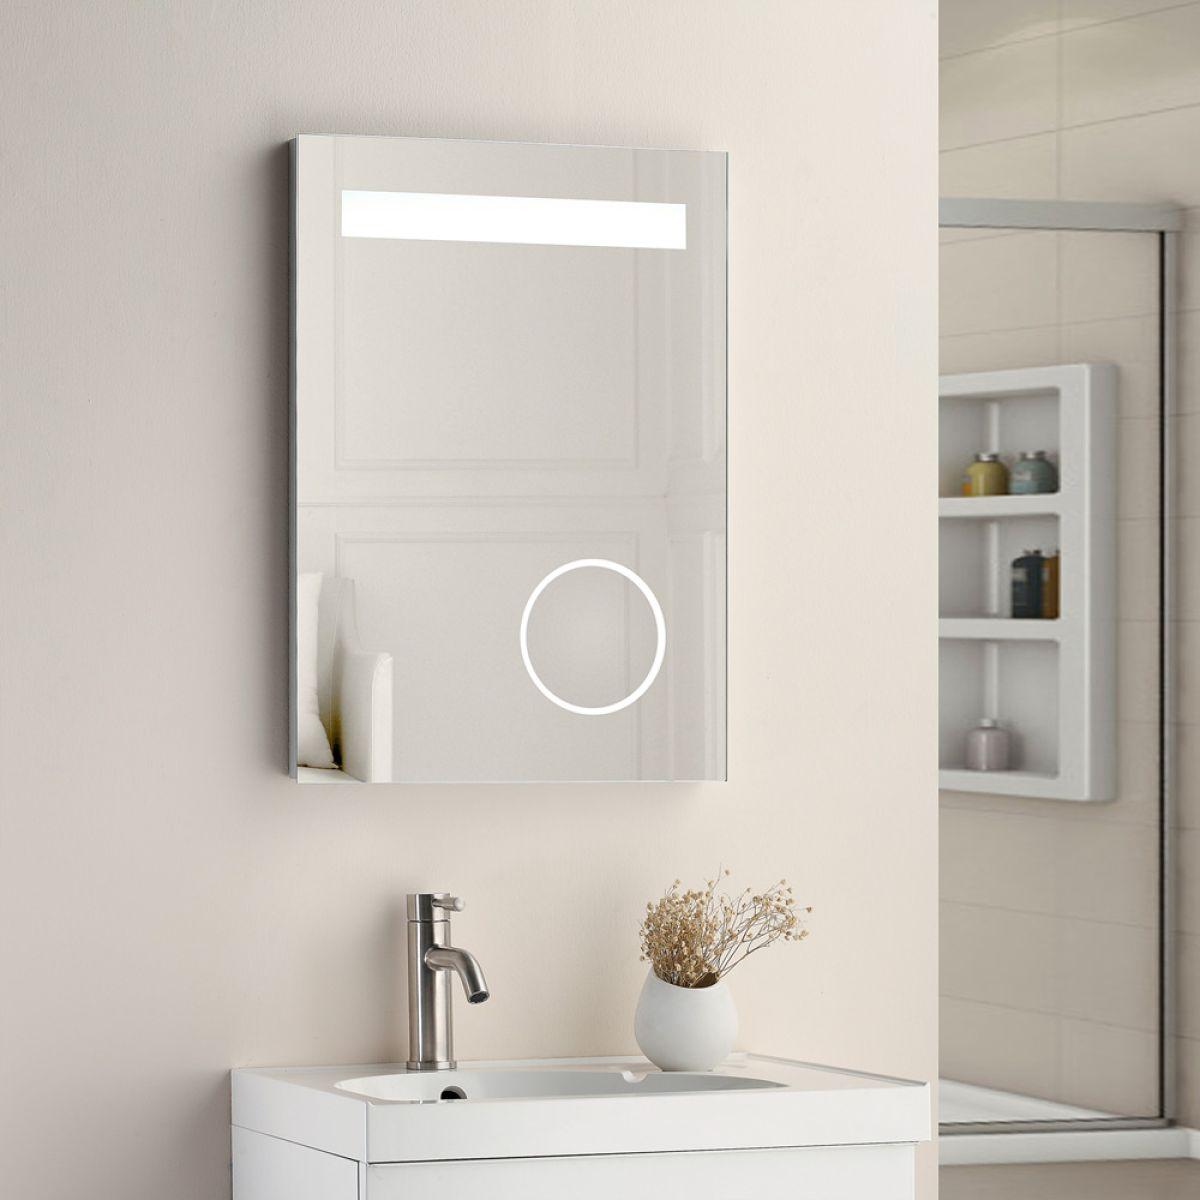 Cassellie Optic LED Bathroom Mirror Lifestyle